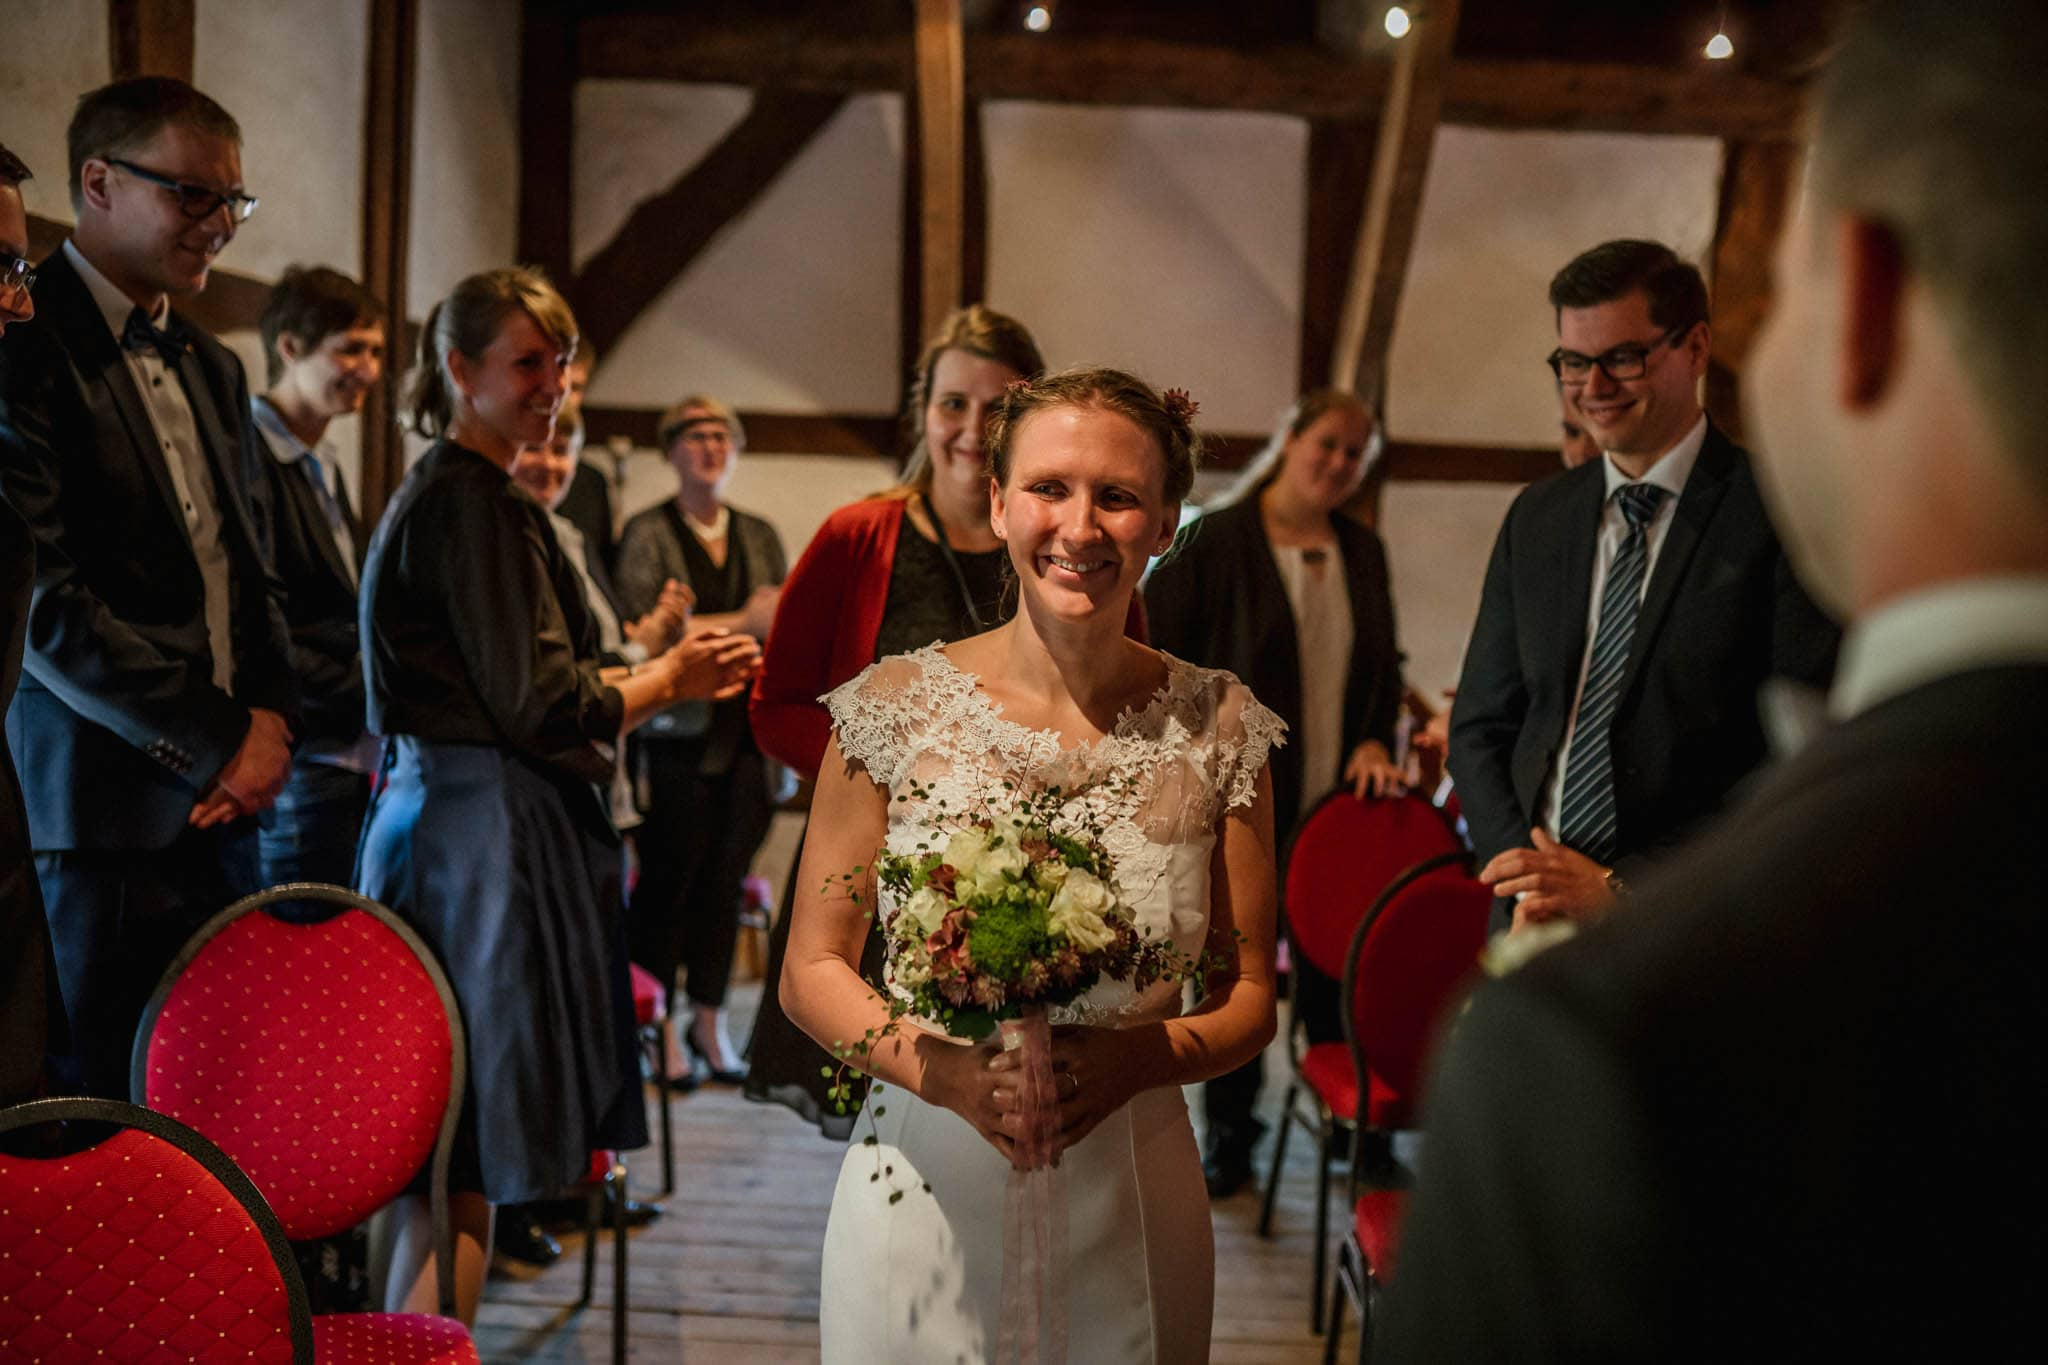 Hochzeitsfieber by Photo-Schomburg, Hochzeitsfotograf, Hamburg,Bremen, wedding, Hochzeitsshooting, Hochzeitstag-31